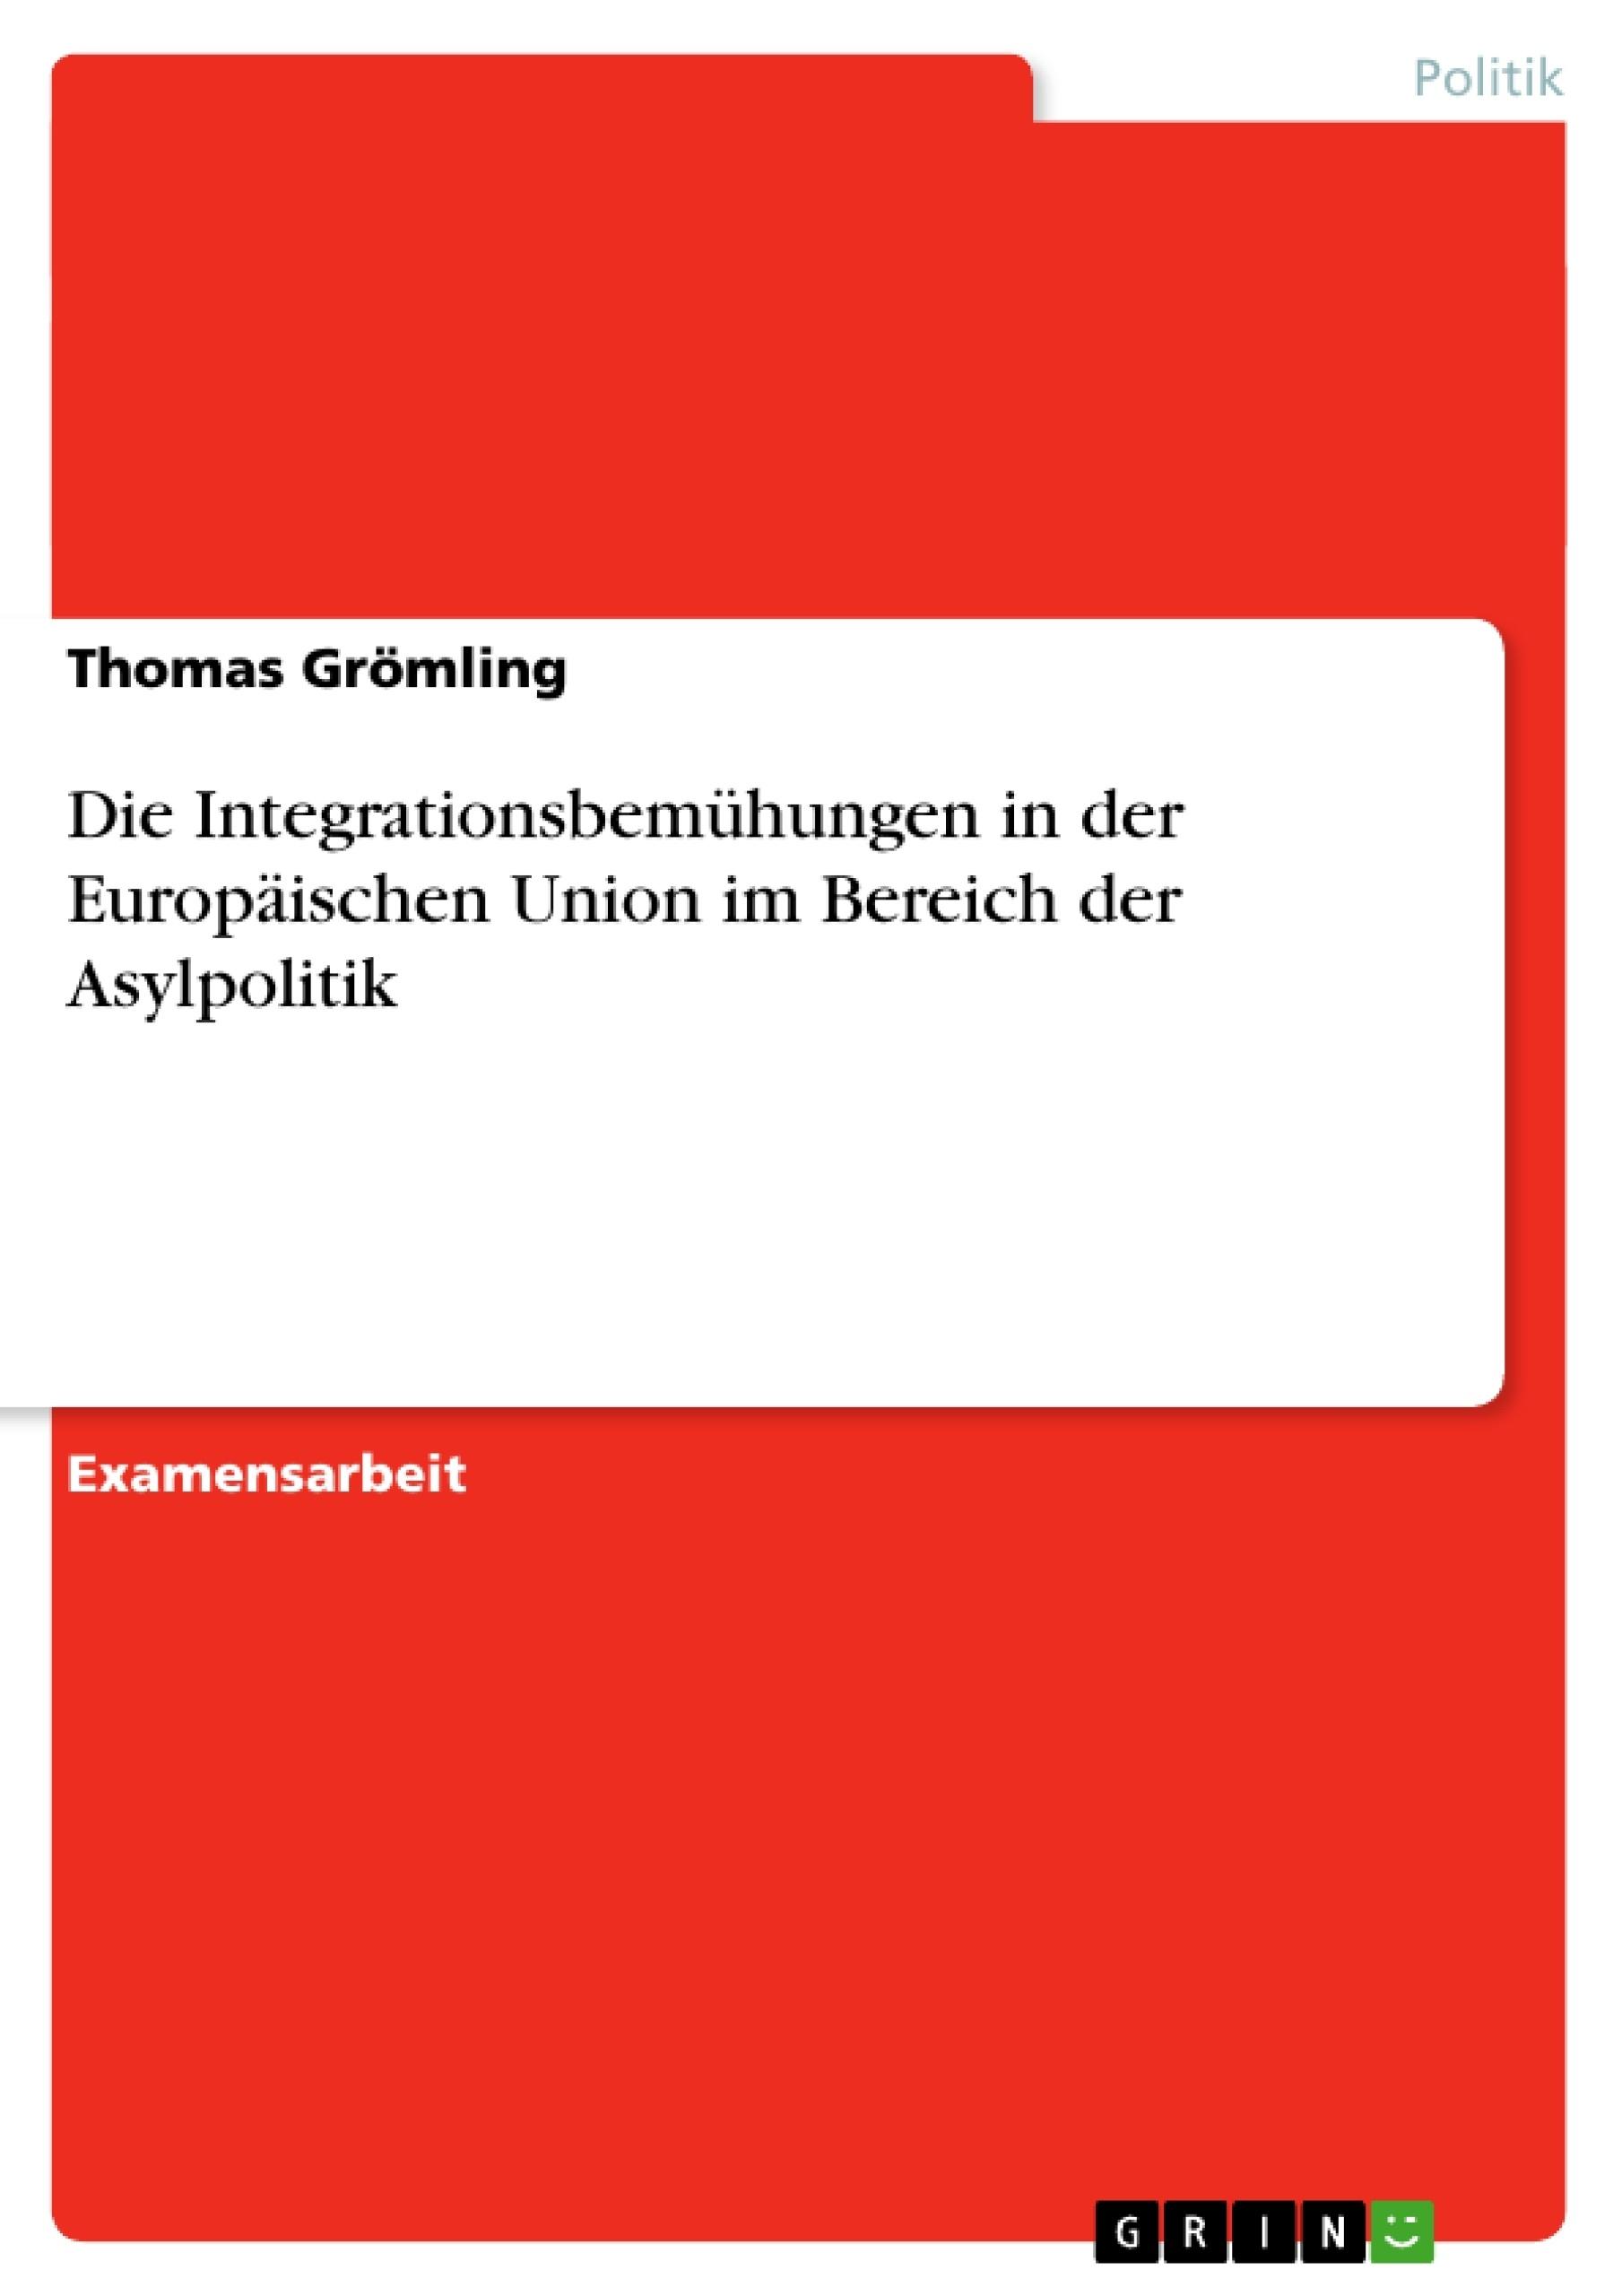 Titel: Die Integrationsbemühungen in der Europäischen Union im Bereich der Asylpolitik